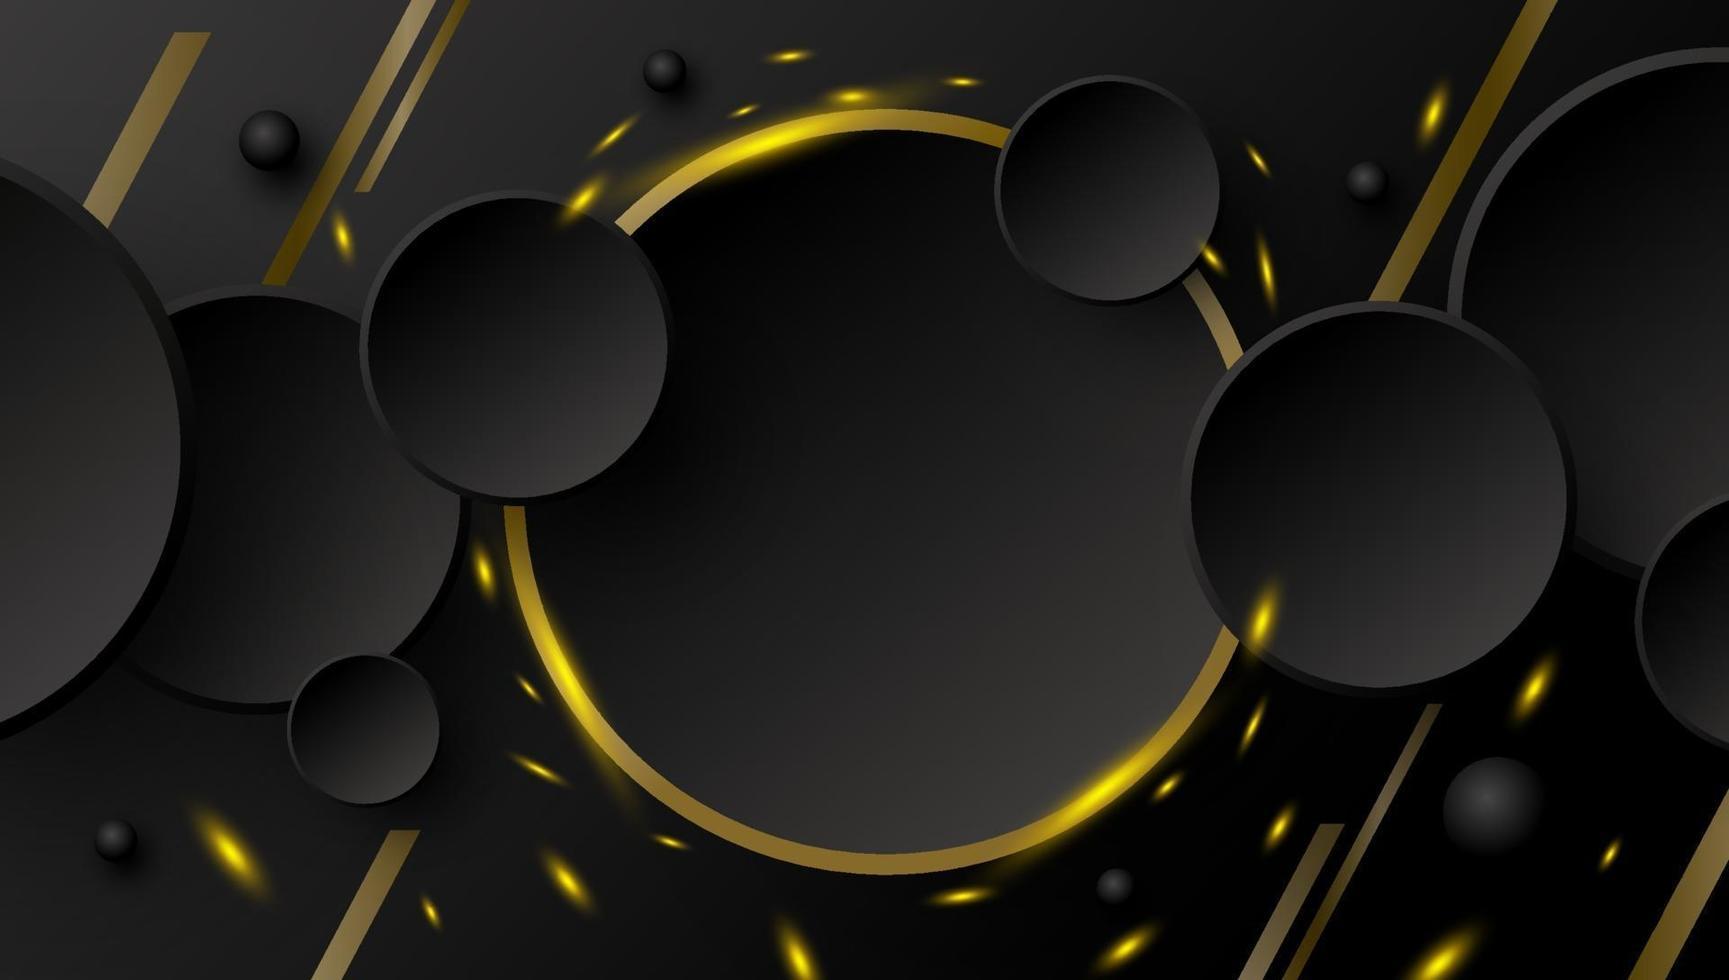 conception abstraite de bannière de bouton cercle et ligne or avec des étincelles sur illustration vectorielle fond noir vecteur